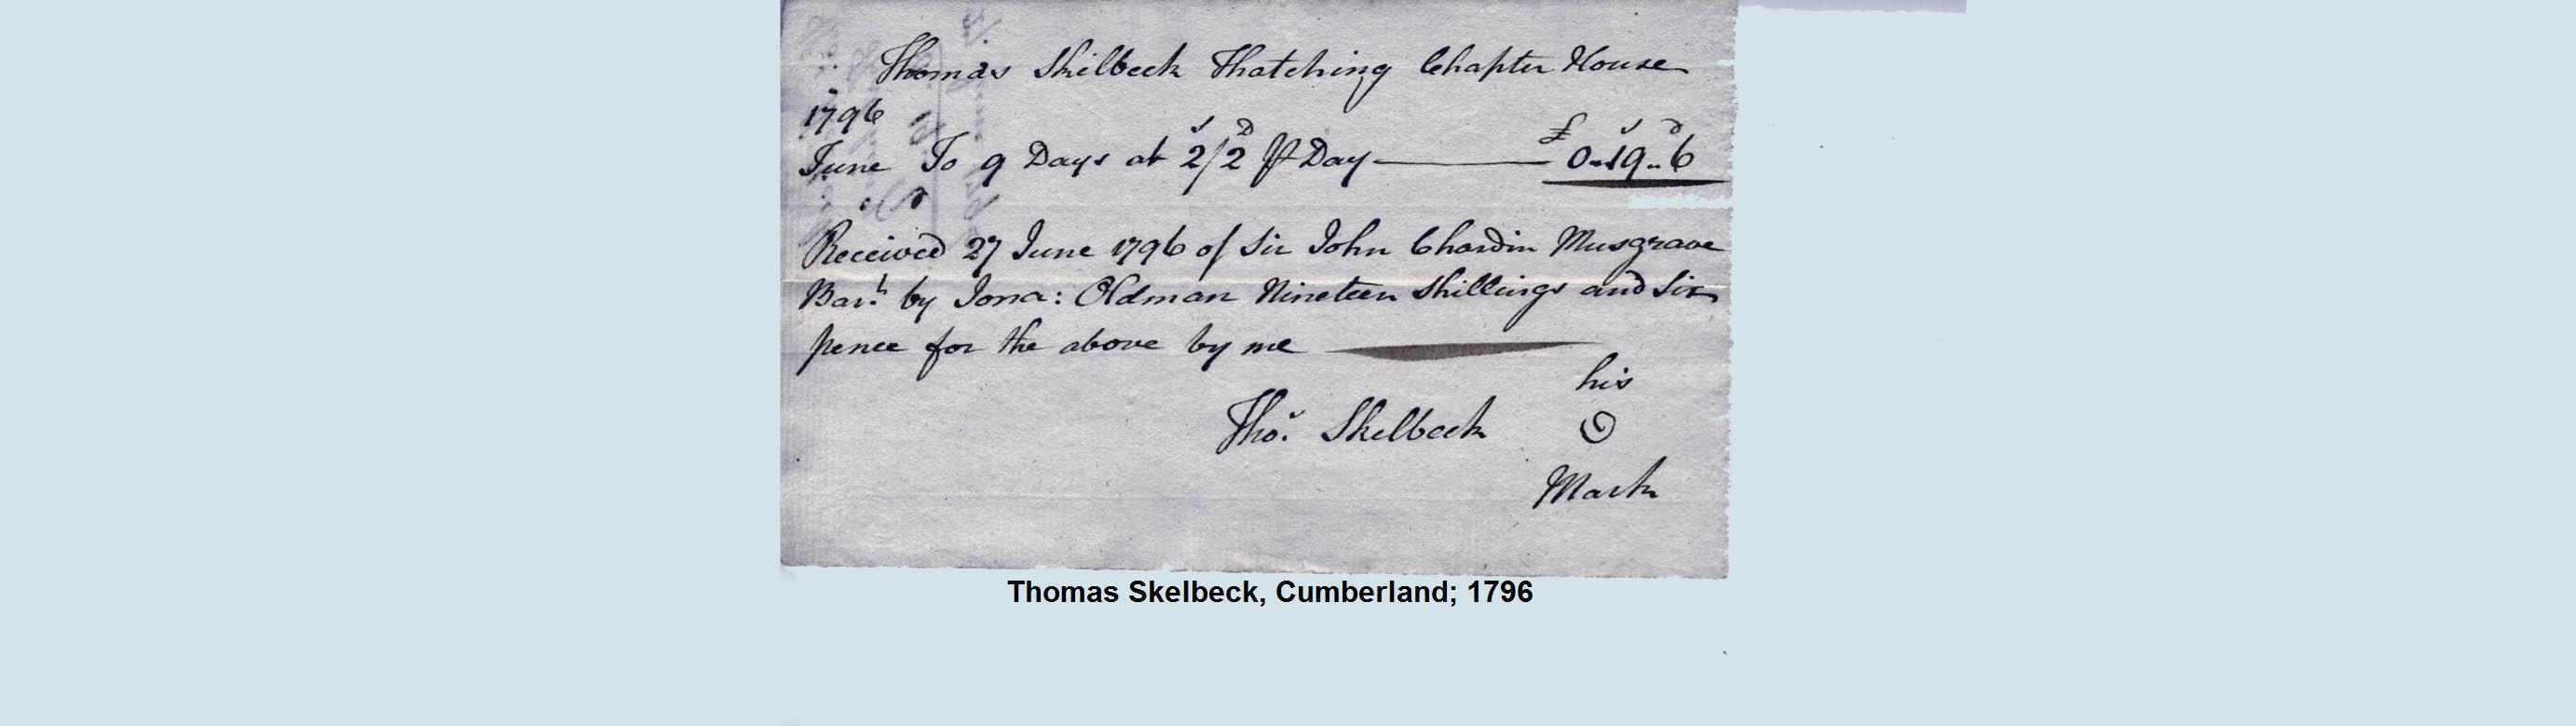 thatch invoice 1817